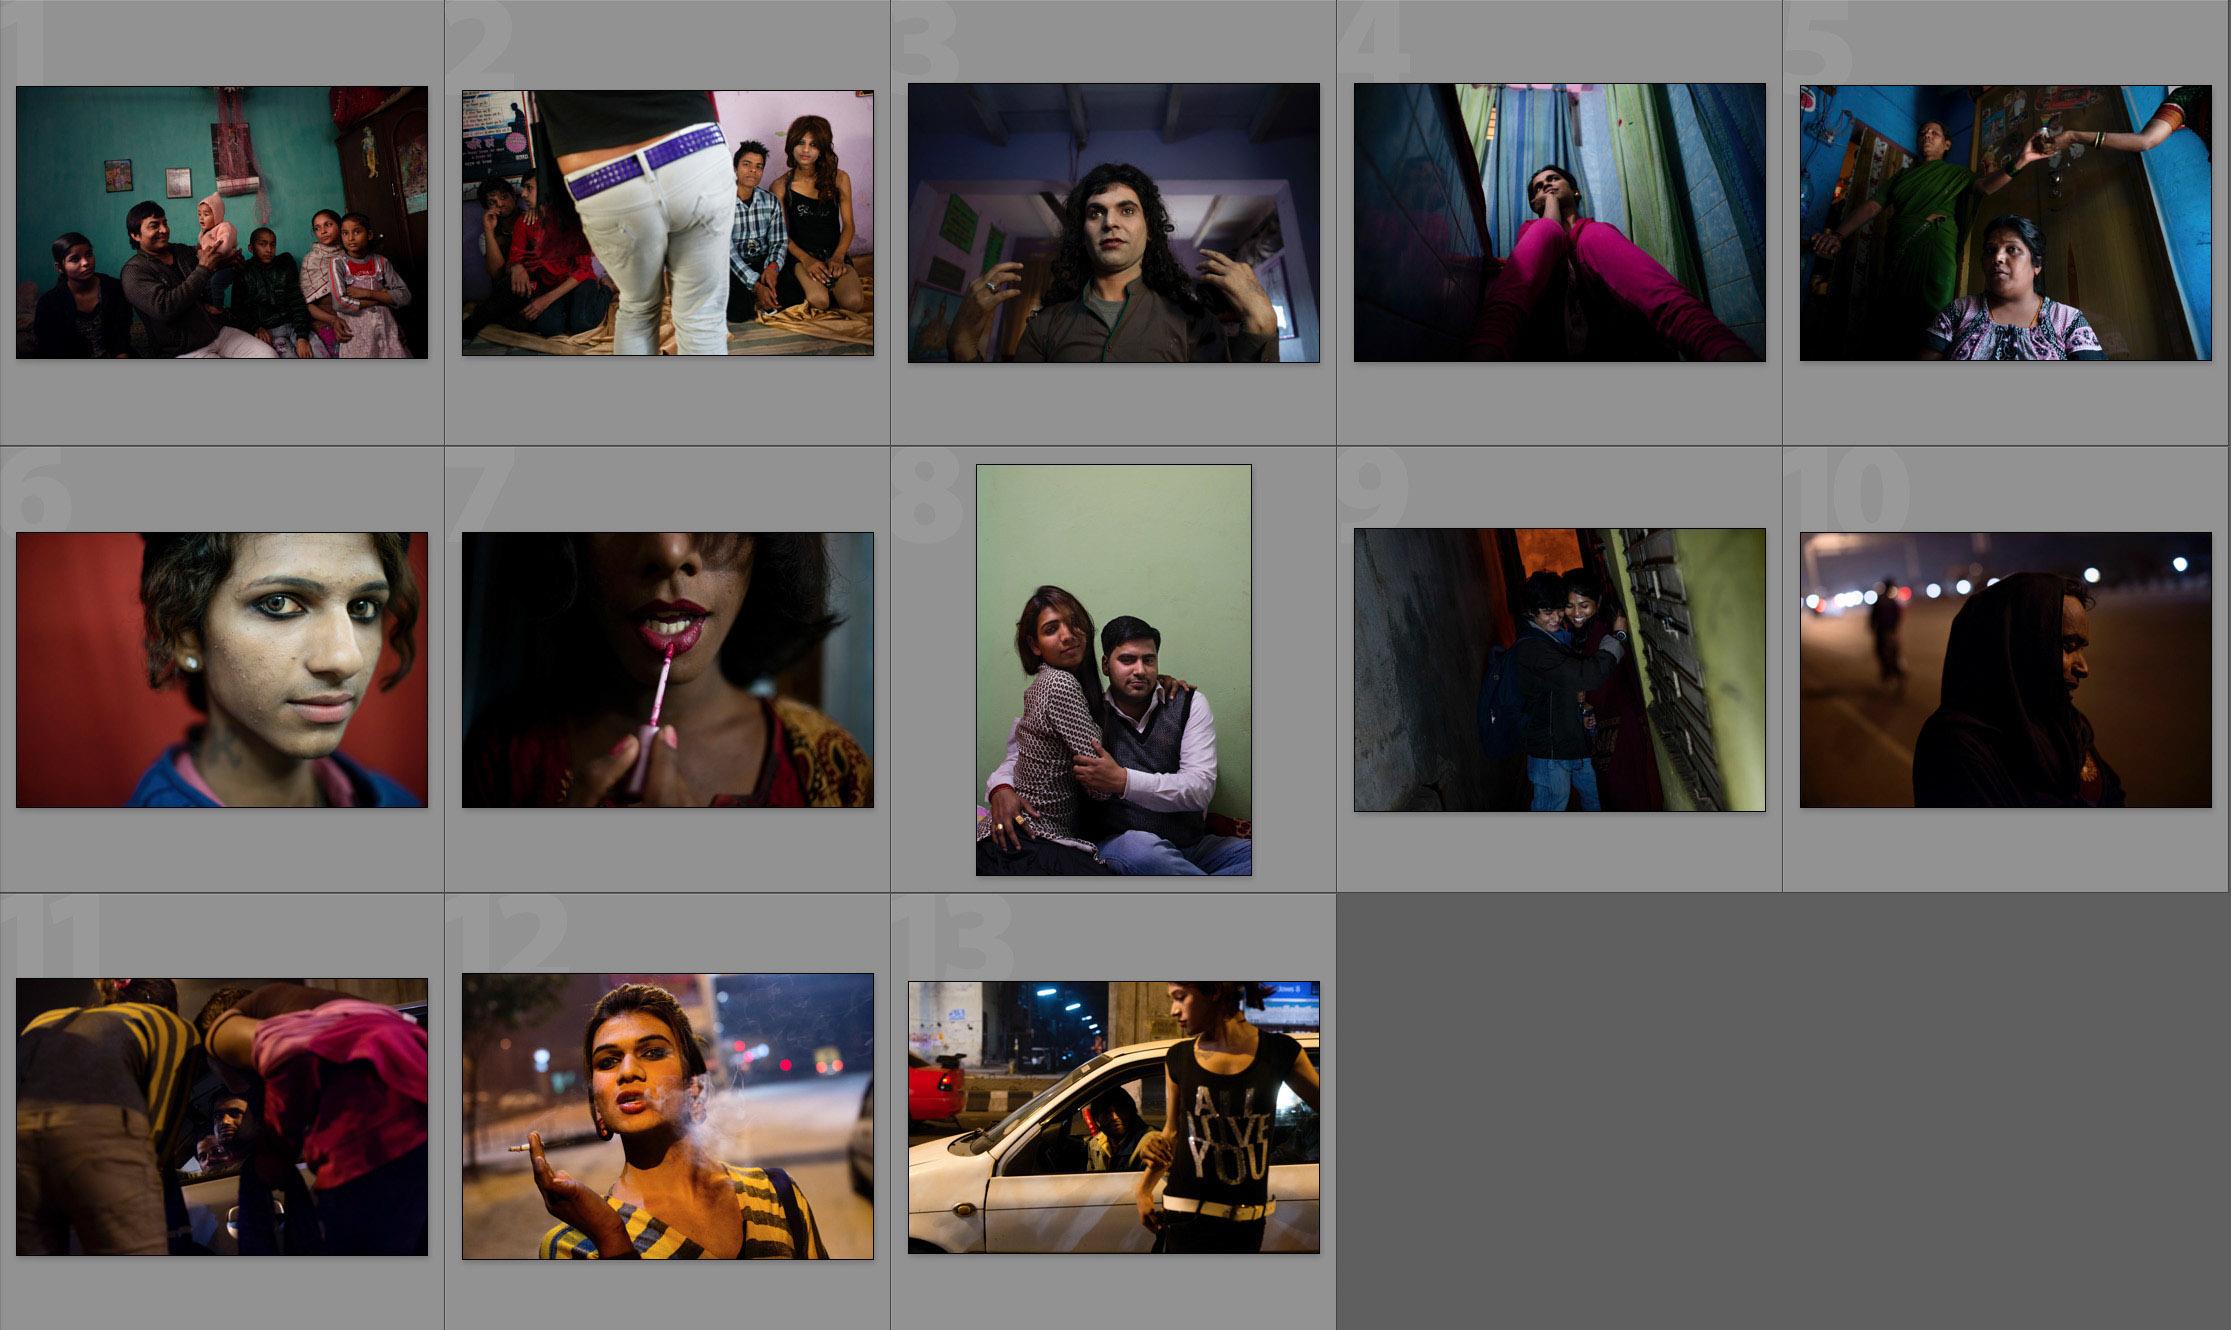 圖片故事組 - 優異:Miguel Candela